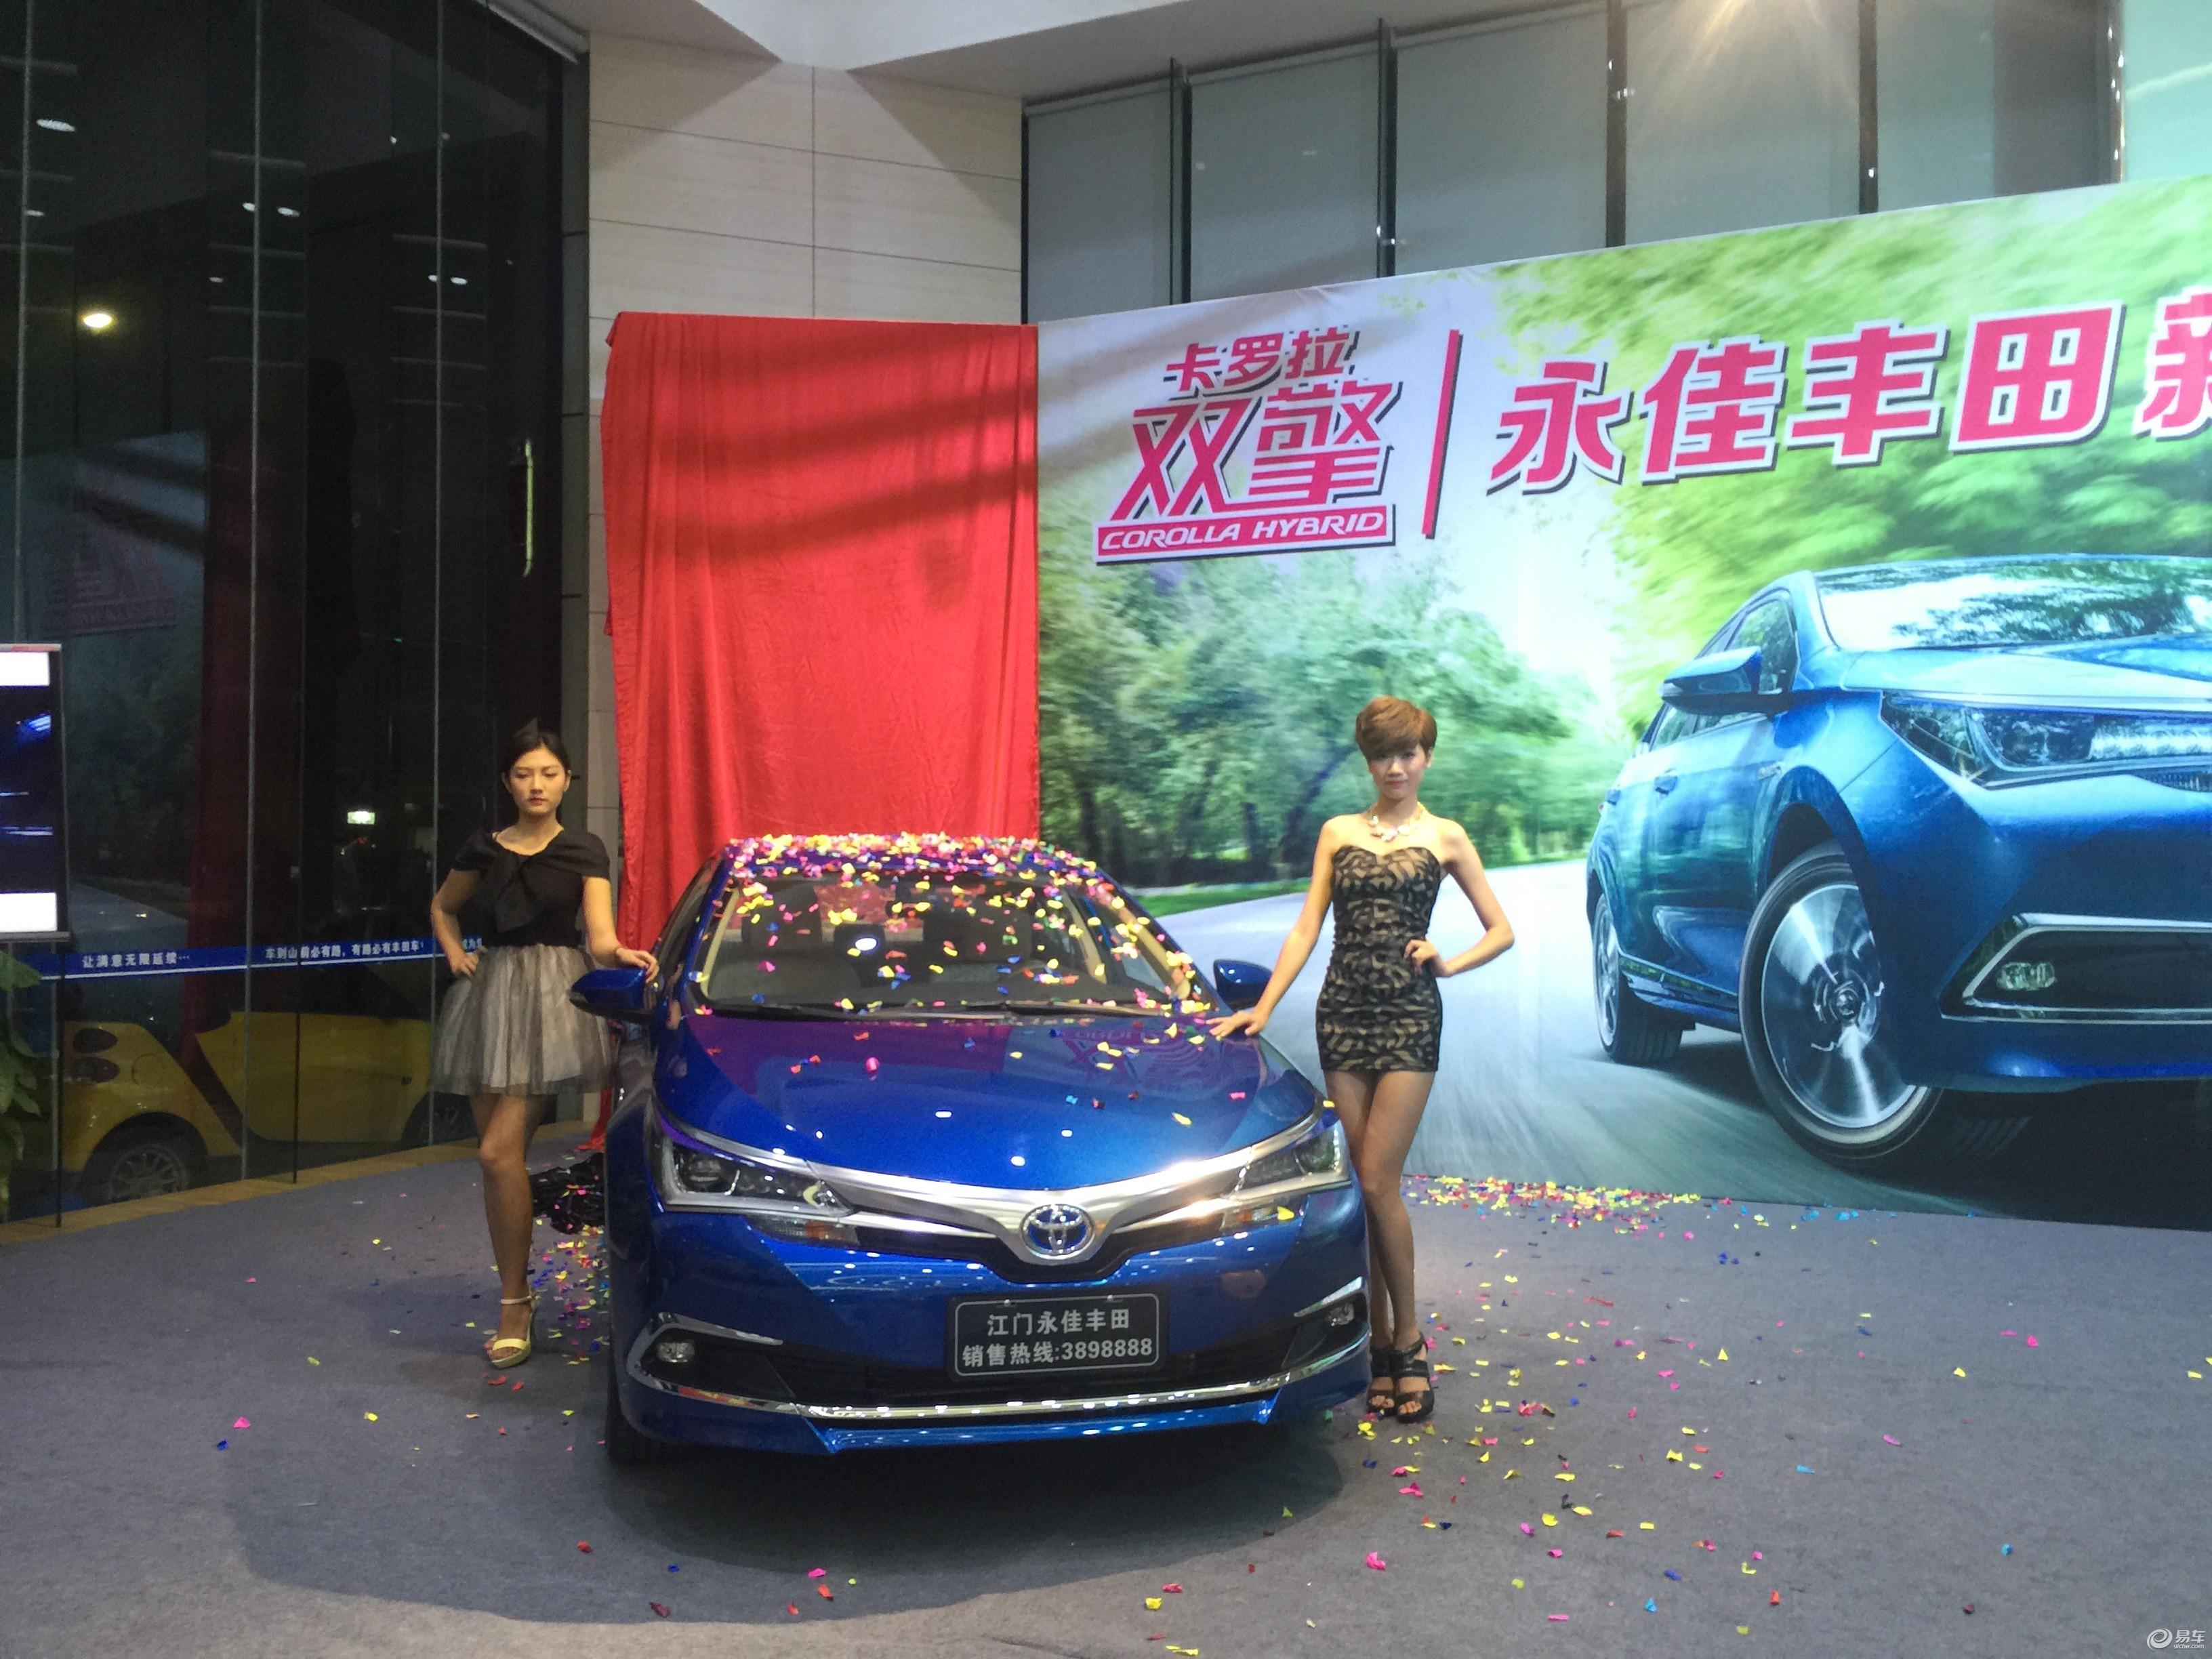 11月7日晚7:30,卡罗拉双擎江门永佳丰田新车上市发布会在展厅内盛大举行。此次上市的卡罗拉双擎共有先锋版、精英版、豪华版、旗舰版4款车型配置选择,价格区间为13.98万元-17.58万元。发布会上,逾百位客户朋友及江门主流媒体记者共同见证了这一历史时刻,COROLLA HYBRID卡罗拉双擎自此翻开了江门混合动力车型历史上崭新的一页。  活动现场数百位客户到场见证卡罗拉双擎耀目登场   江门永佳